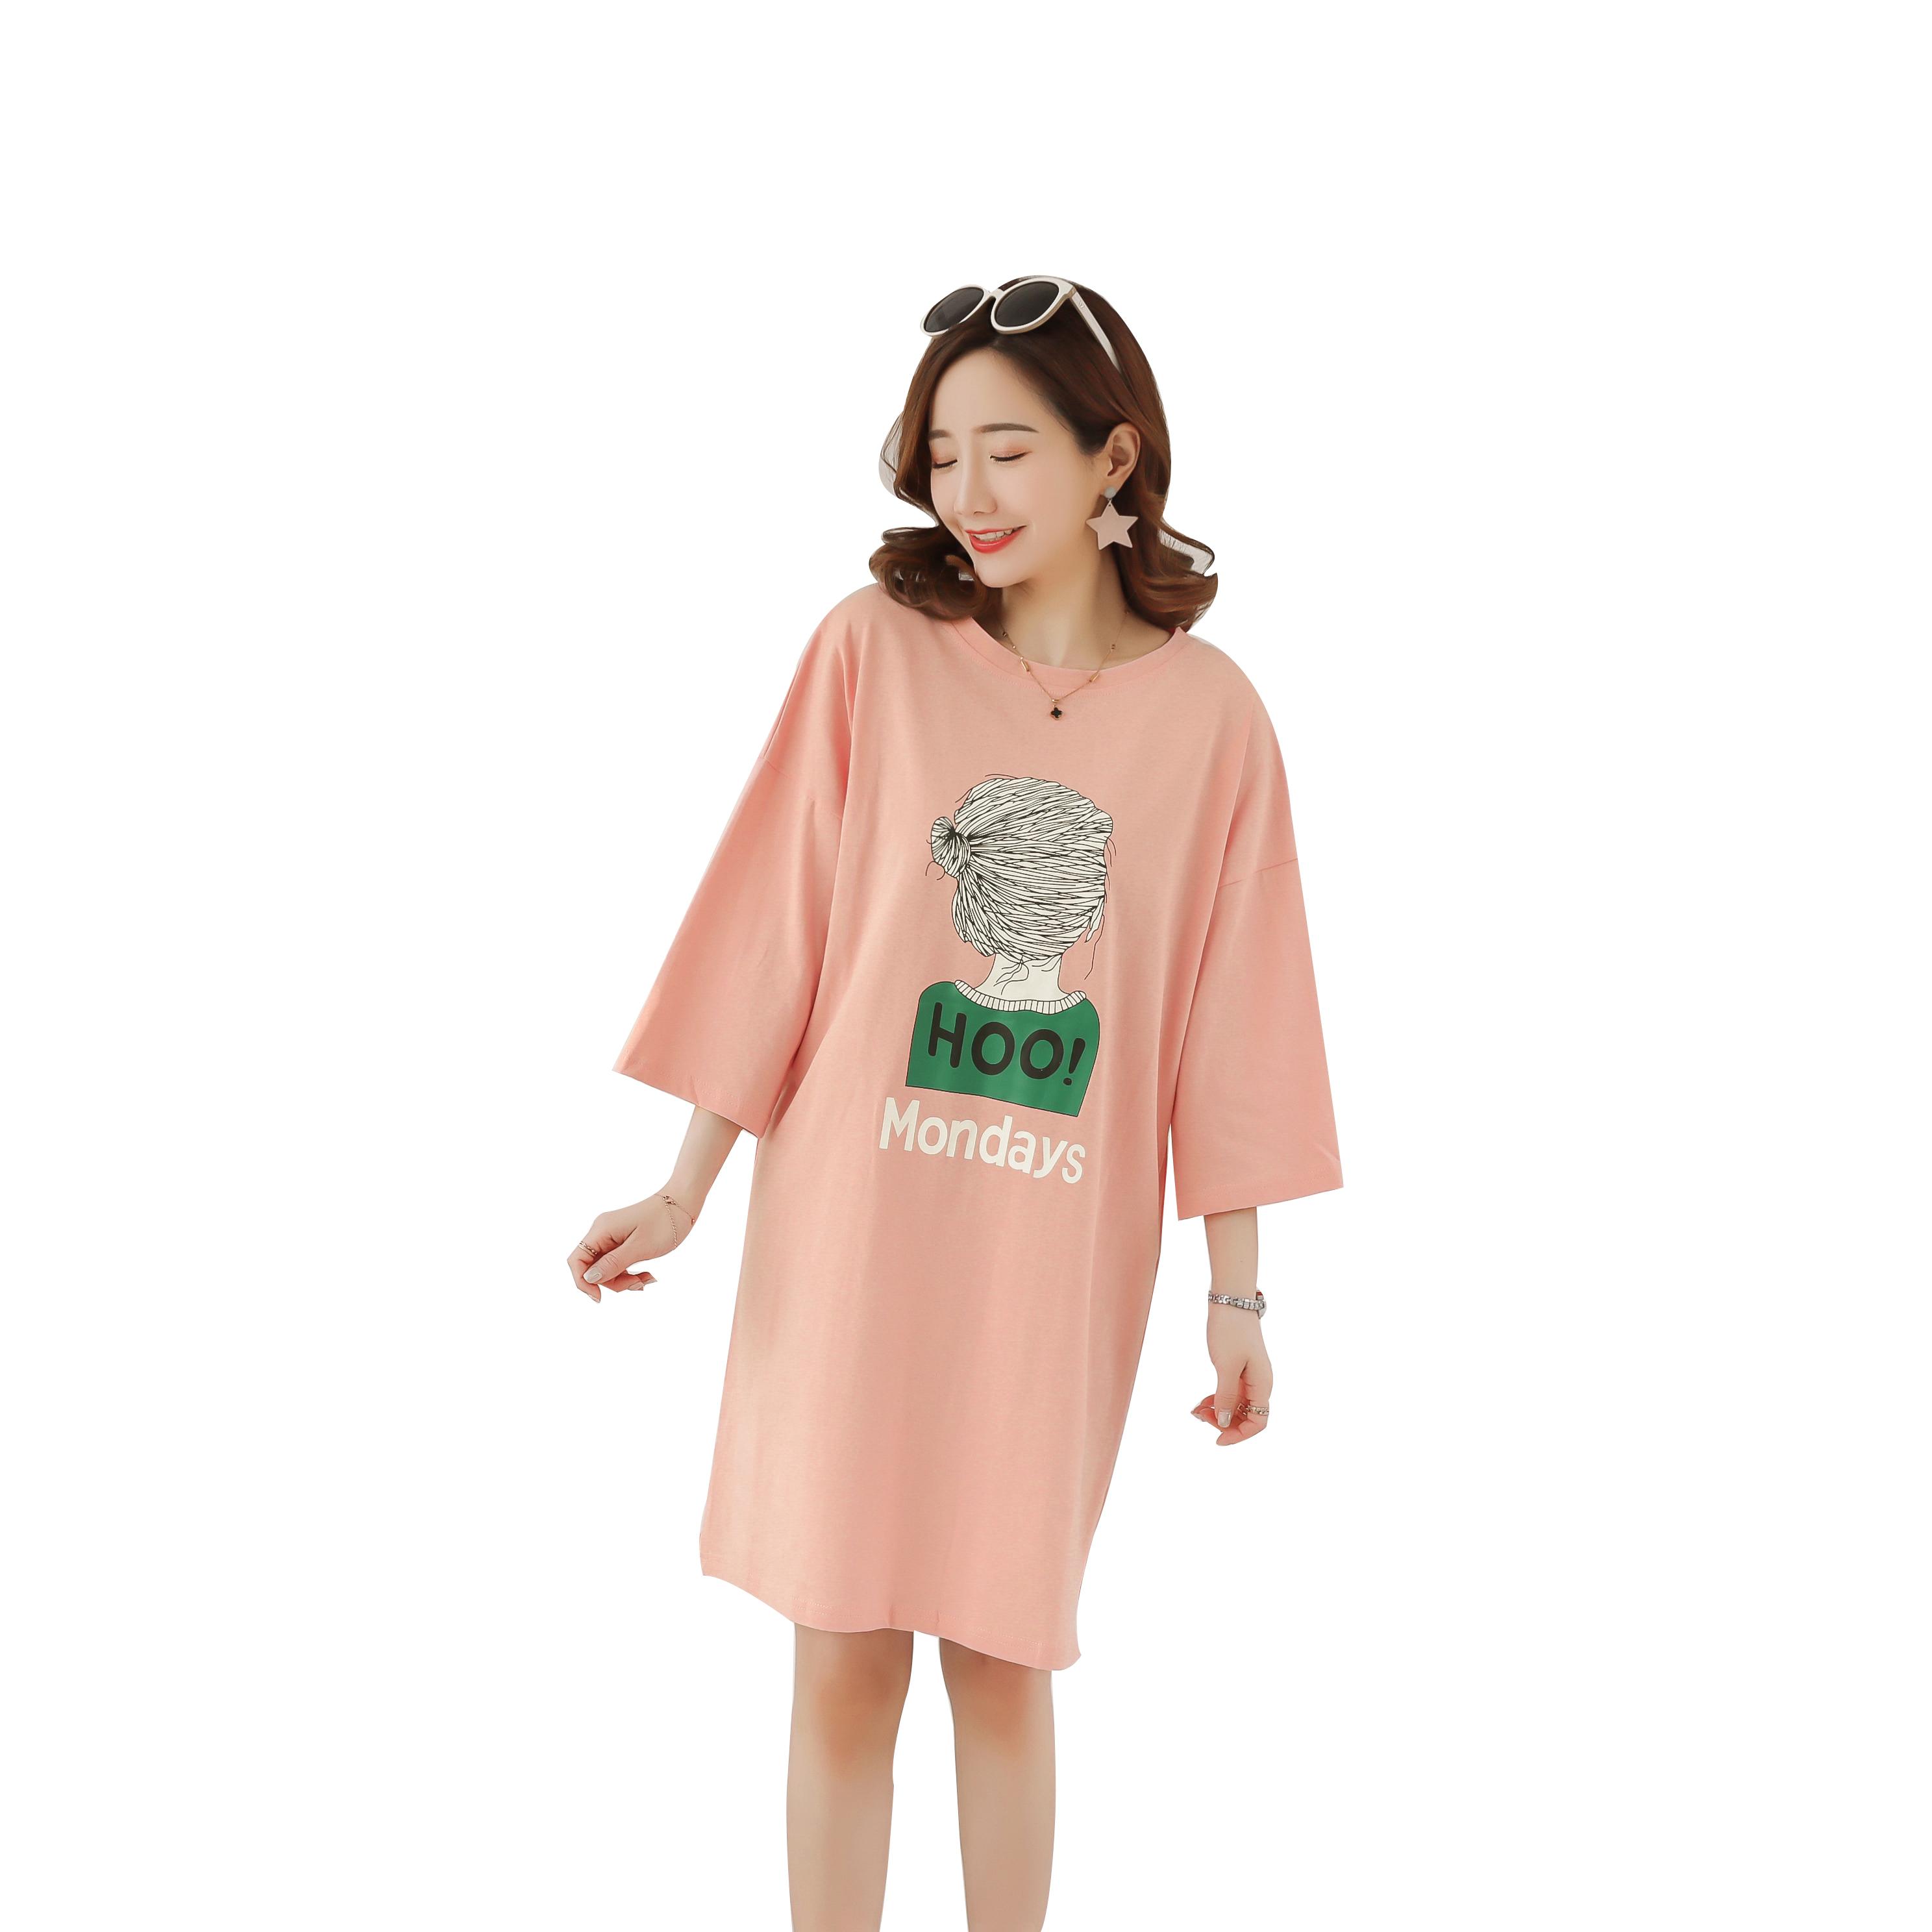 怀孕期裙 8 连衣裙 7 薄款外穿 6 夏装 5 明显同款孕妇衣服 4 夏天 3 专柜品牌